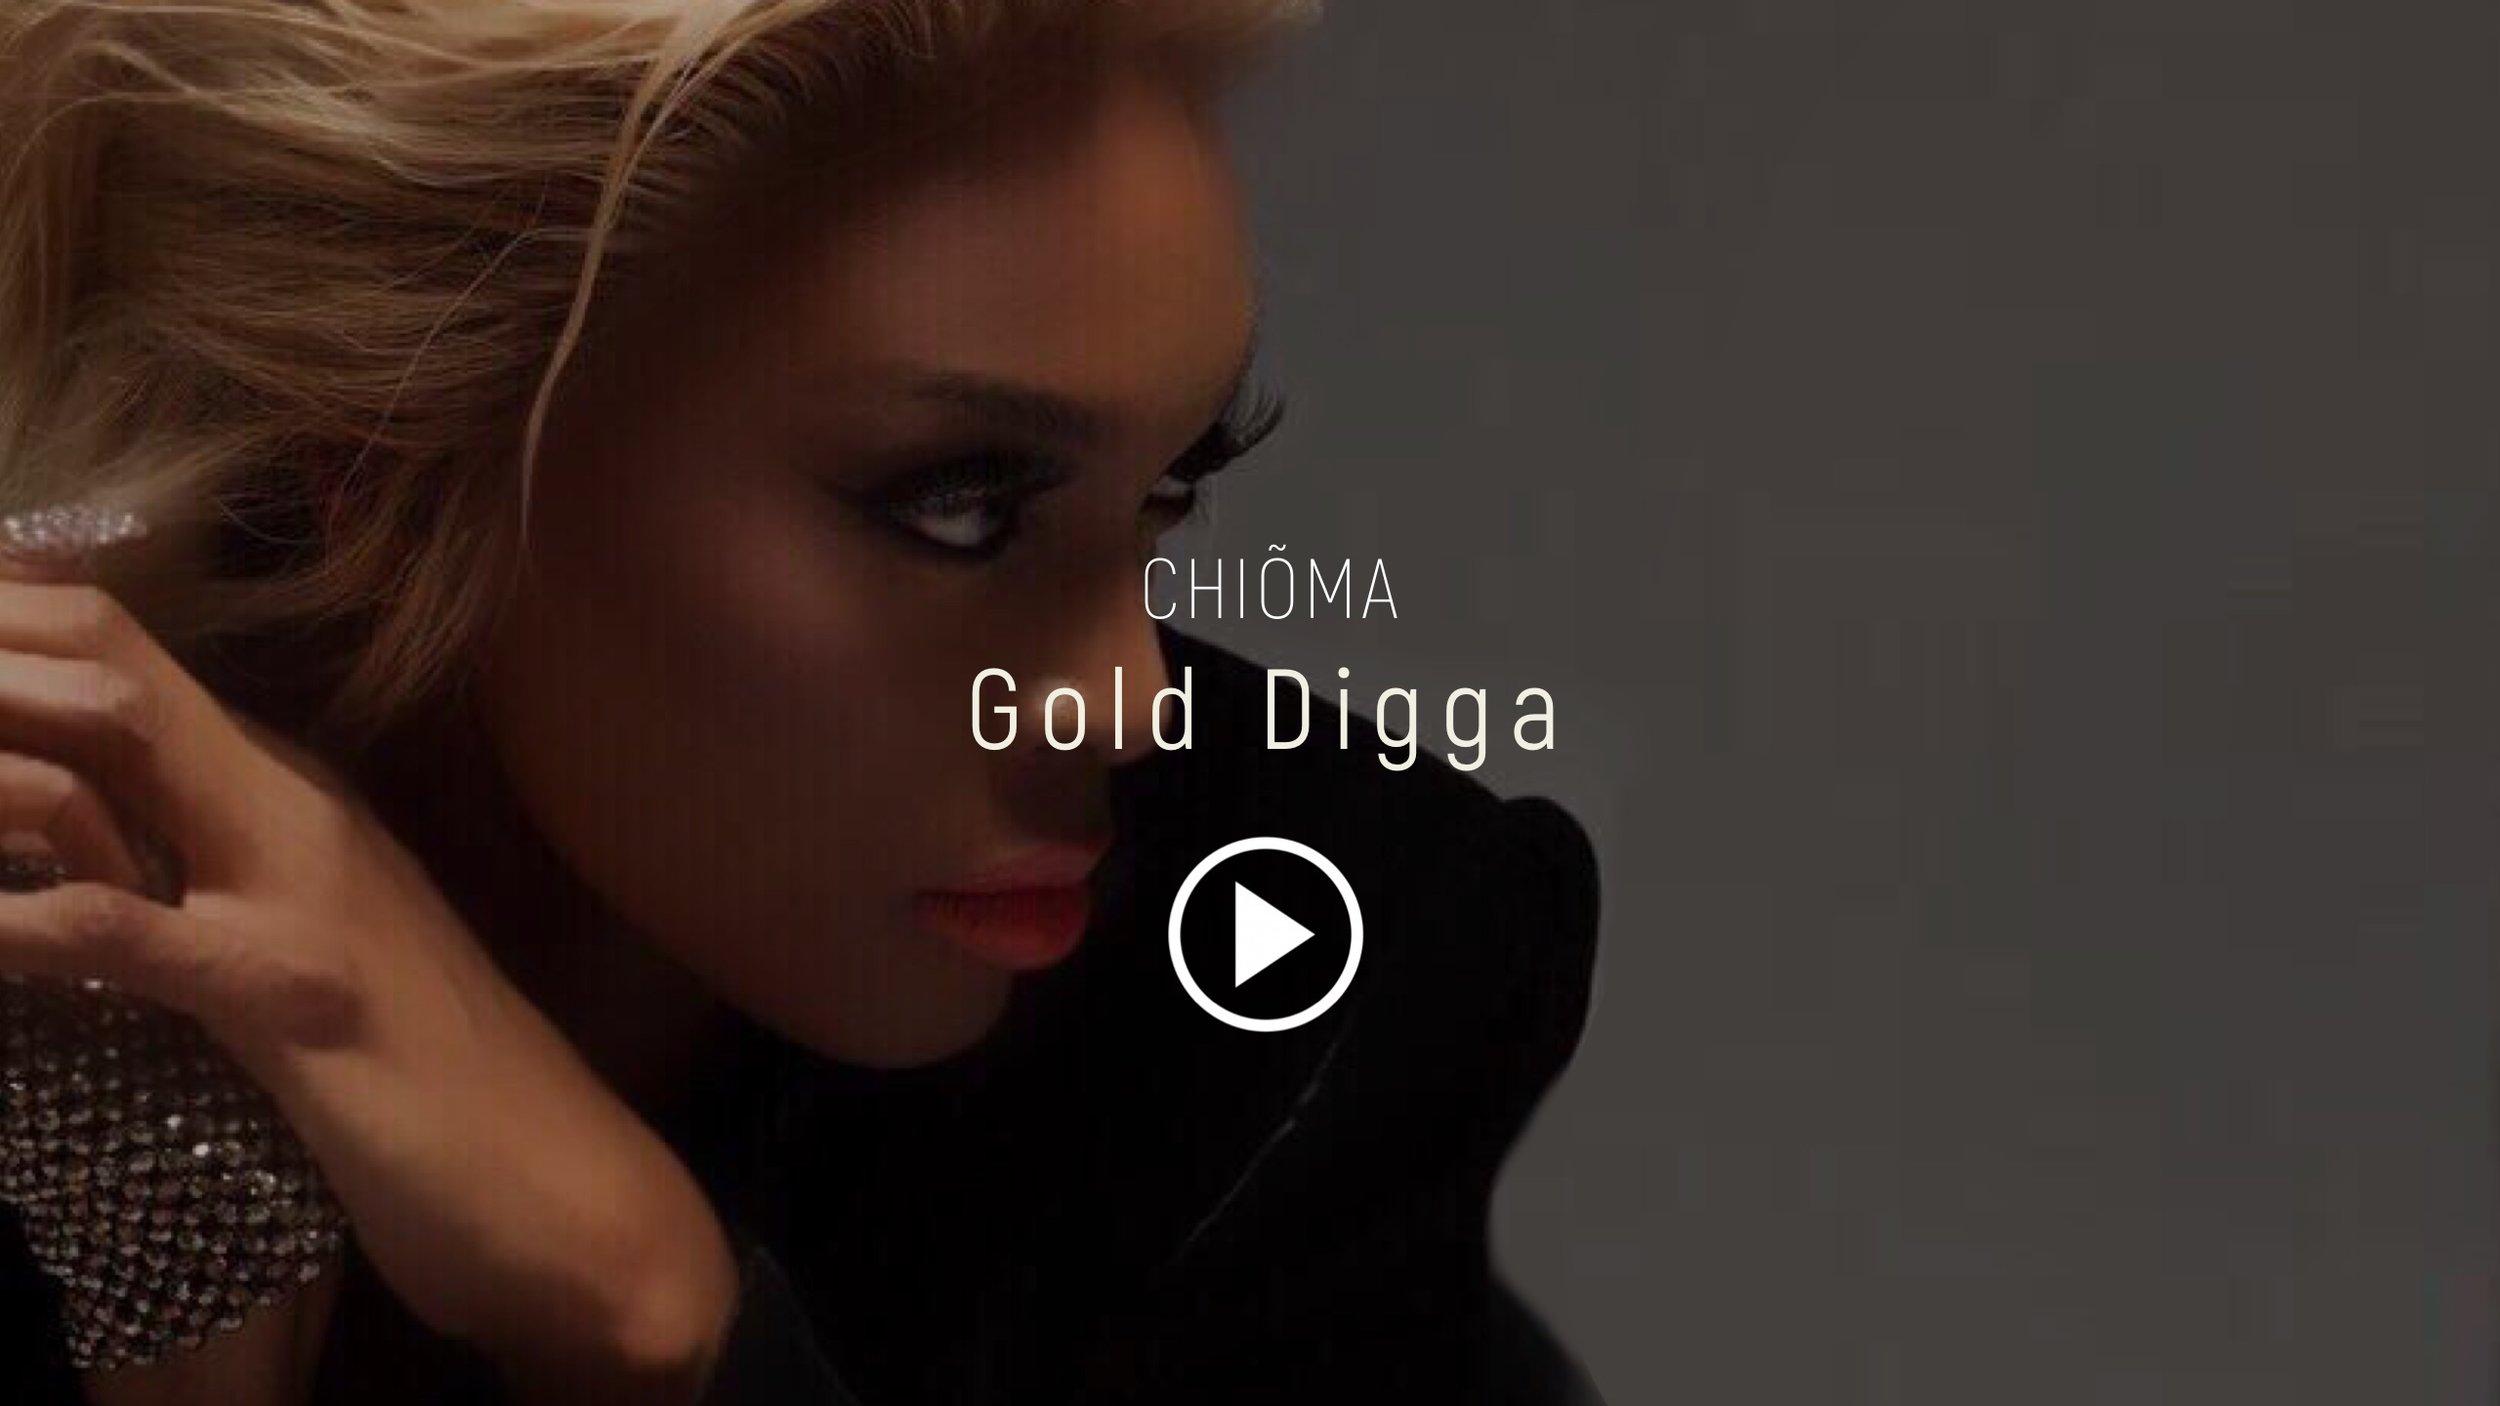 chioma gold digga